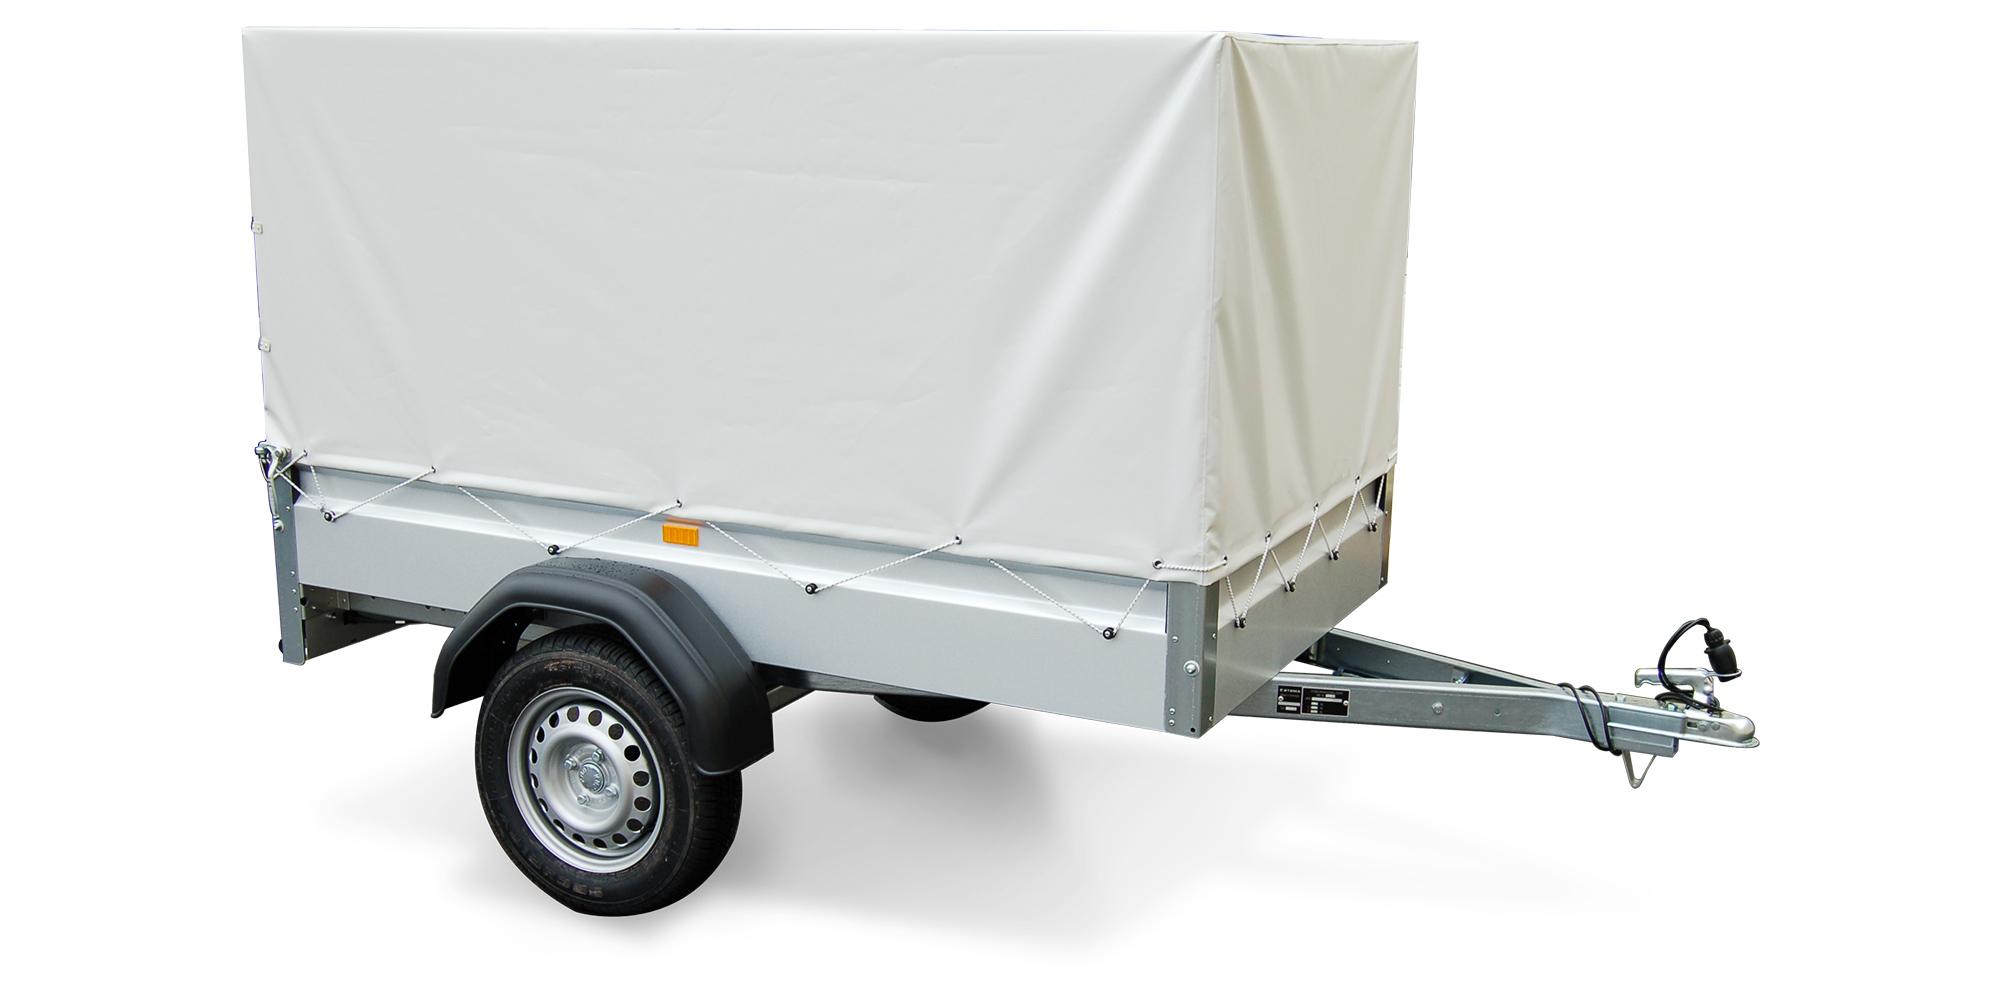 trailer direct stema anh nger sortiment kaufen ft 7 5 20 10 1b. Black Bedroom Furniture Sets. Home Design Ideas